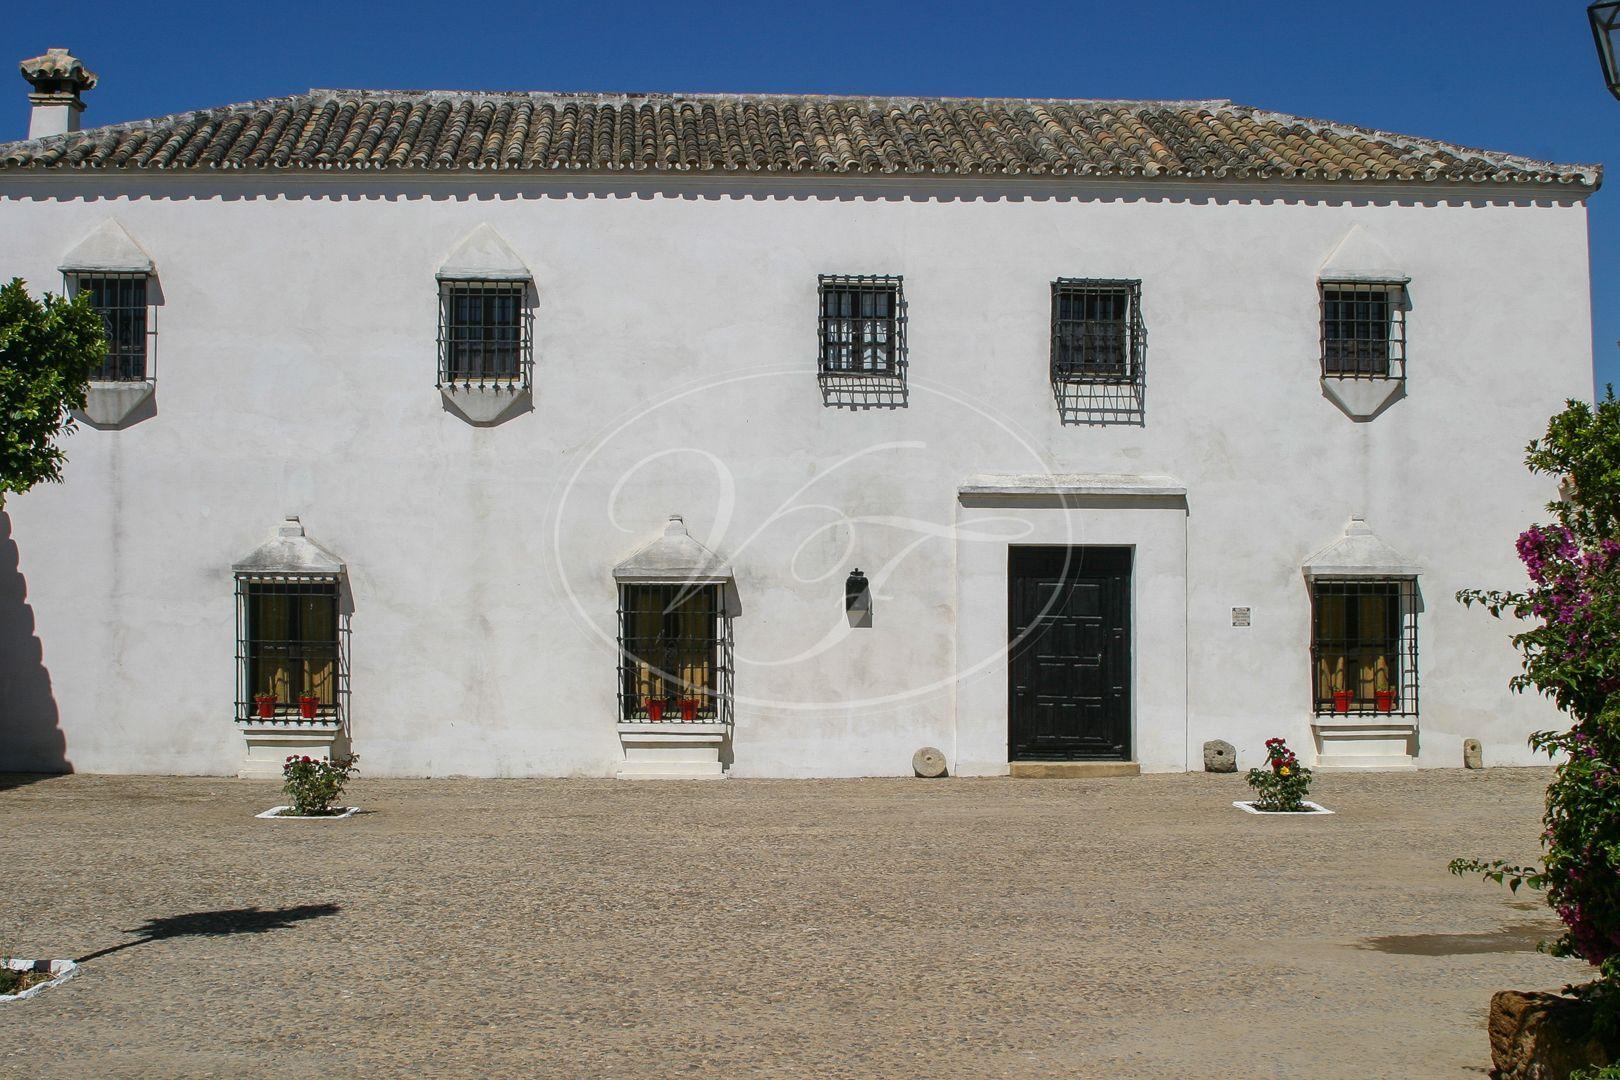 Cortijo en venta en Sevilla Cortijos andaluces, Cortijos